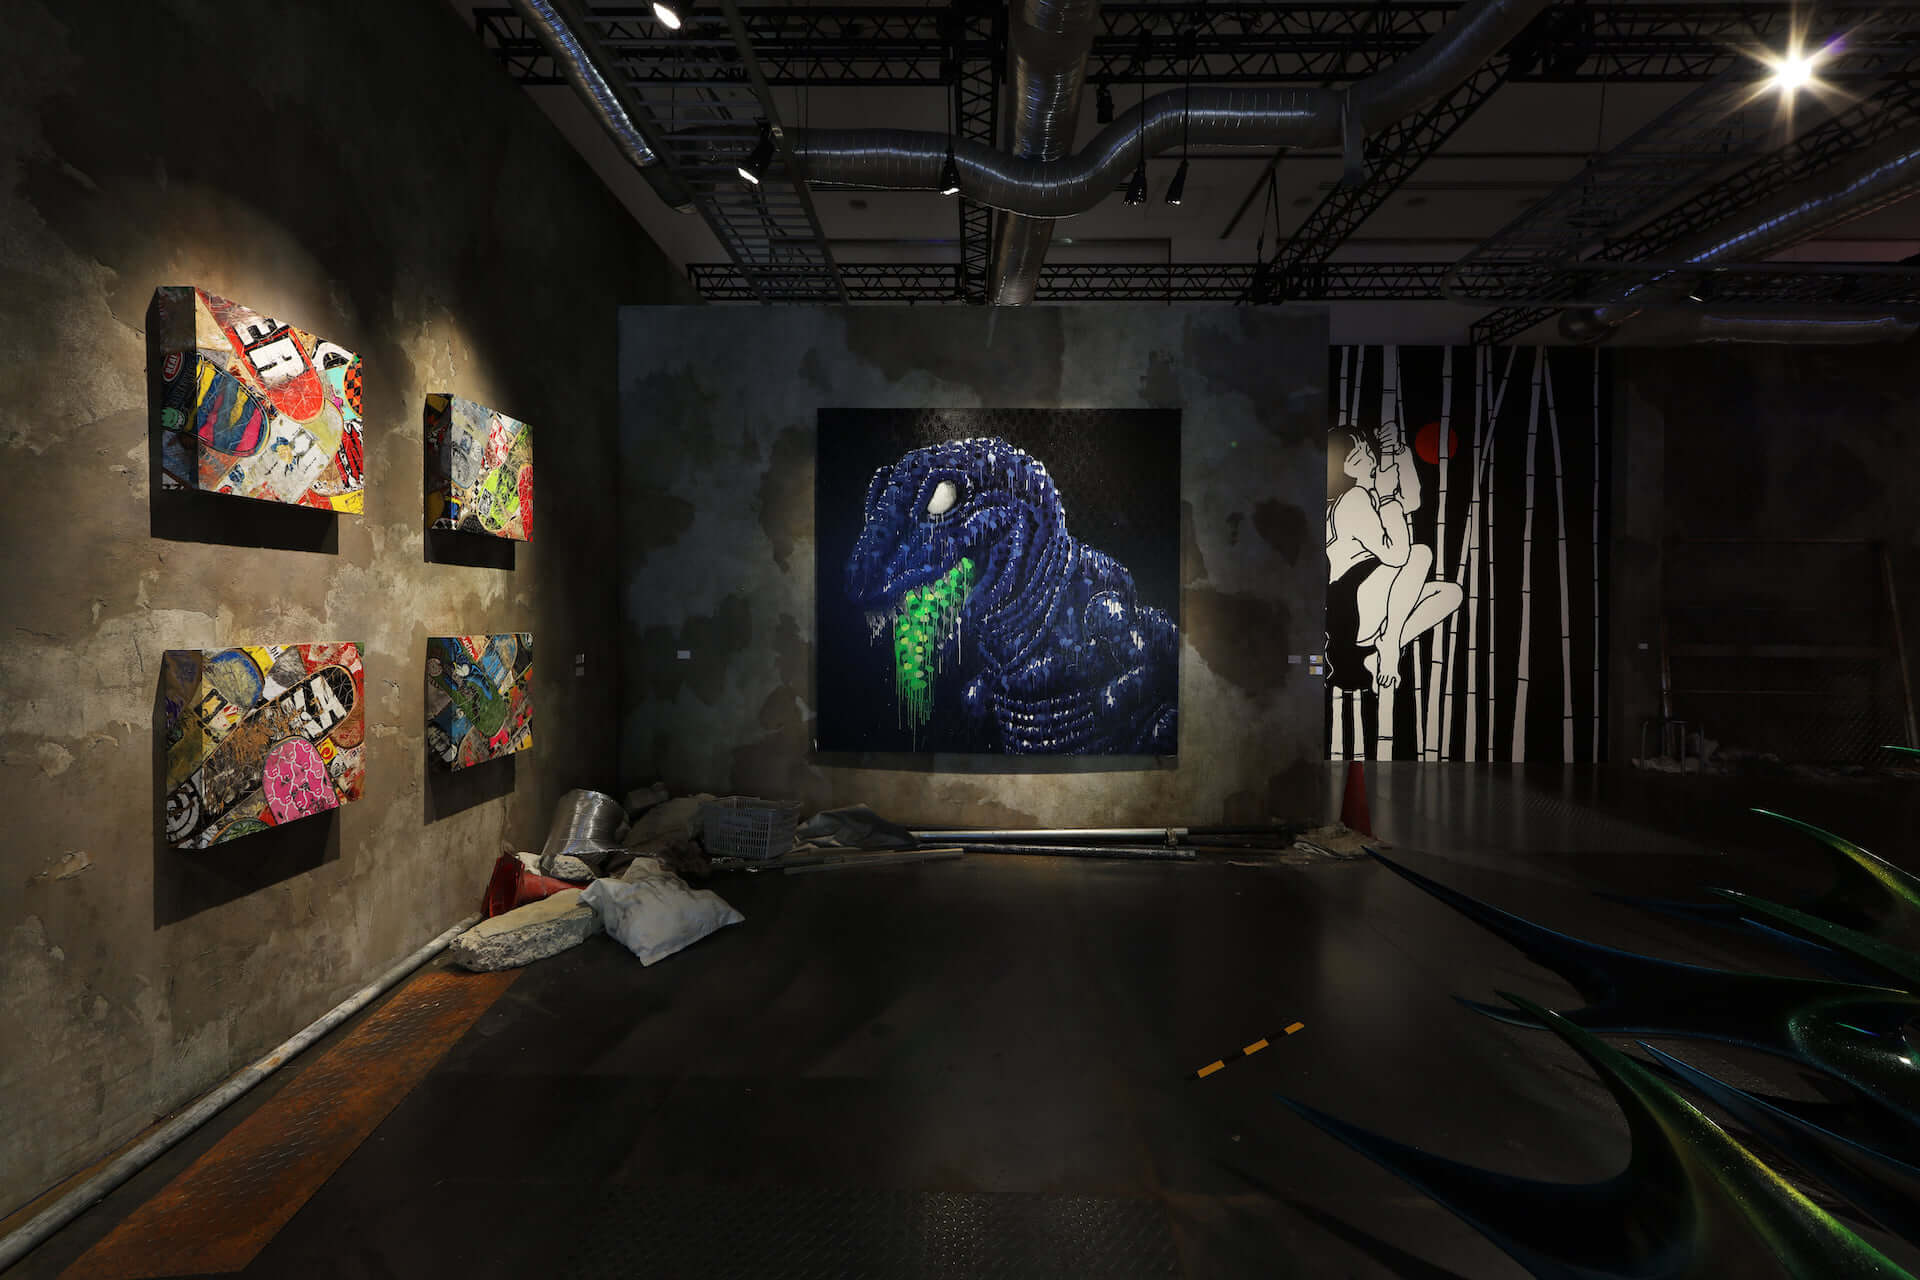 NANZUKAがキュレーションするグループ展<JP POP UNDERGROUND>が心斎橋PARCOにて開催中!田名網敬一、山口はるみ、YOSHIROTTENらが参加 art201125_nanzuka-jpu_2-1920x1280